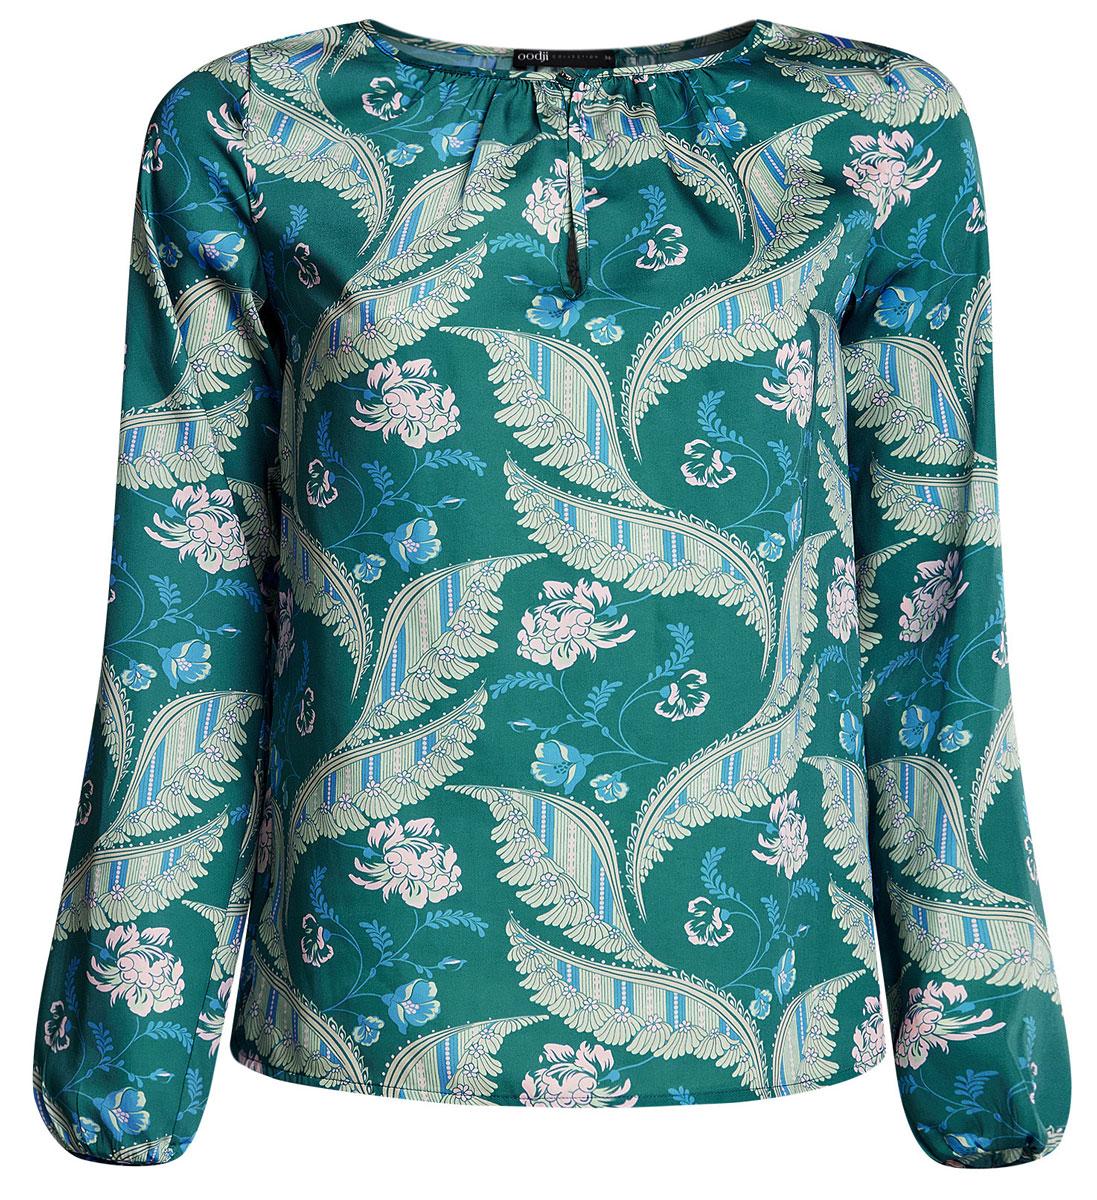 Блузка женская oodji Collection, цвет: изумрудный, бежевый. 21400321-2/33116/6D33F. Размер 40-170 (46-170)21400321-2/33116/6D33FЖенская стильная блузка oodji исполнена из гладкой воздушной ткани. Оформлена рукавами-баллонами и круглым аккуратным воротником с вырезом-капелькой, декорированным пуговкой. Отлично подойдет для создания утонченного образа, как в повседневном стиле, так и в полуделовом.